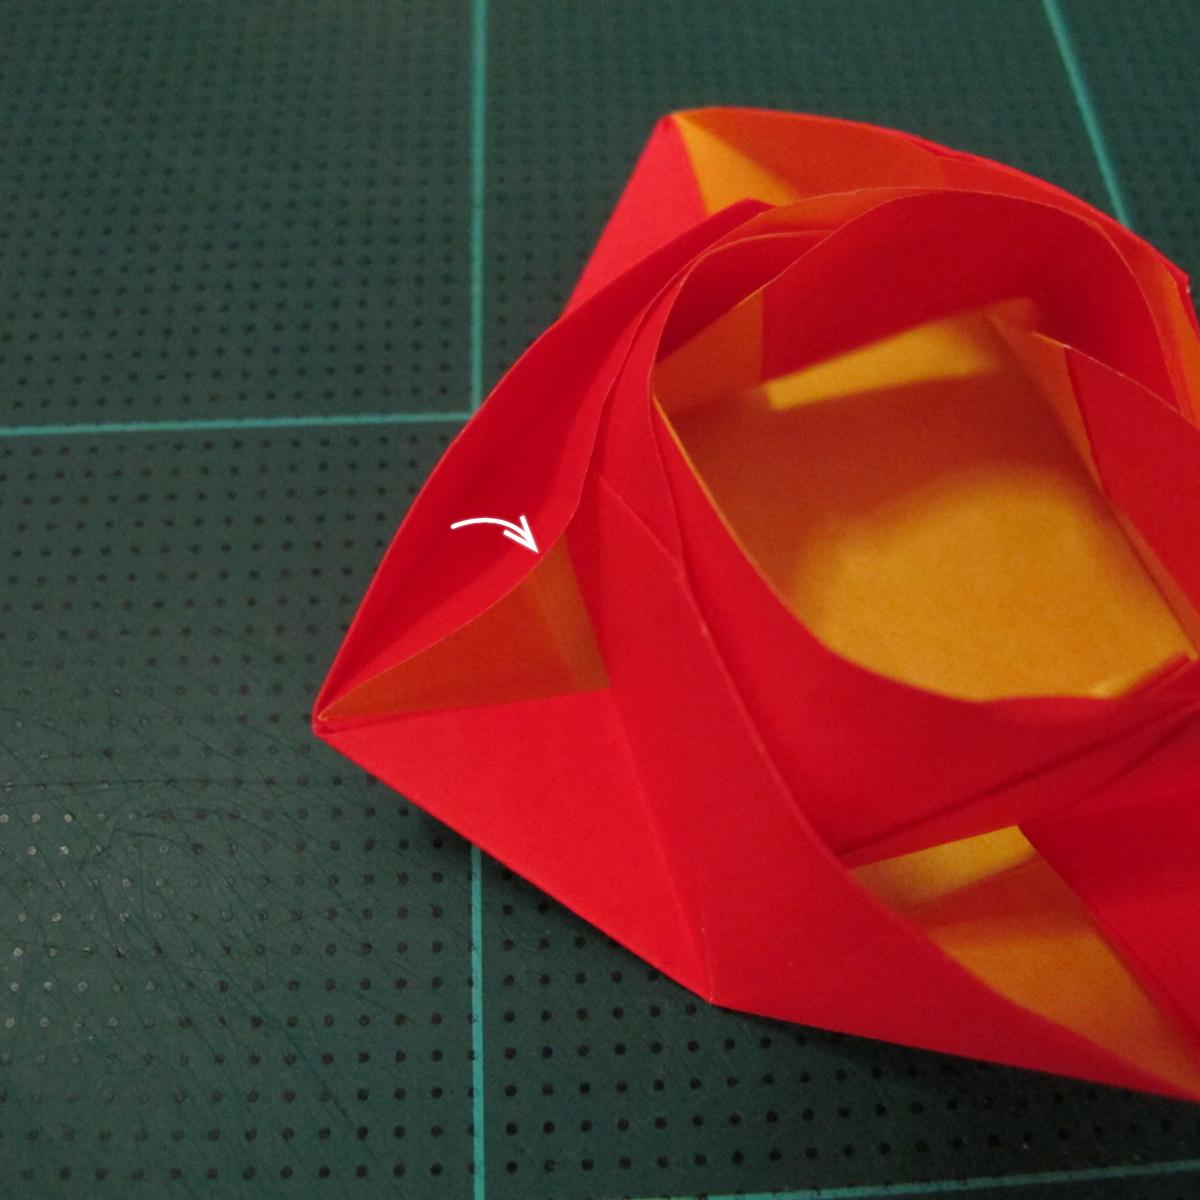 สอนวิธีพับกระดาษเป็นดอกกุหลาบ (แบบฐานกังหัน) (Origami Rose - Evi Binzinger) 019